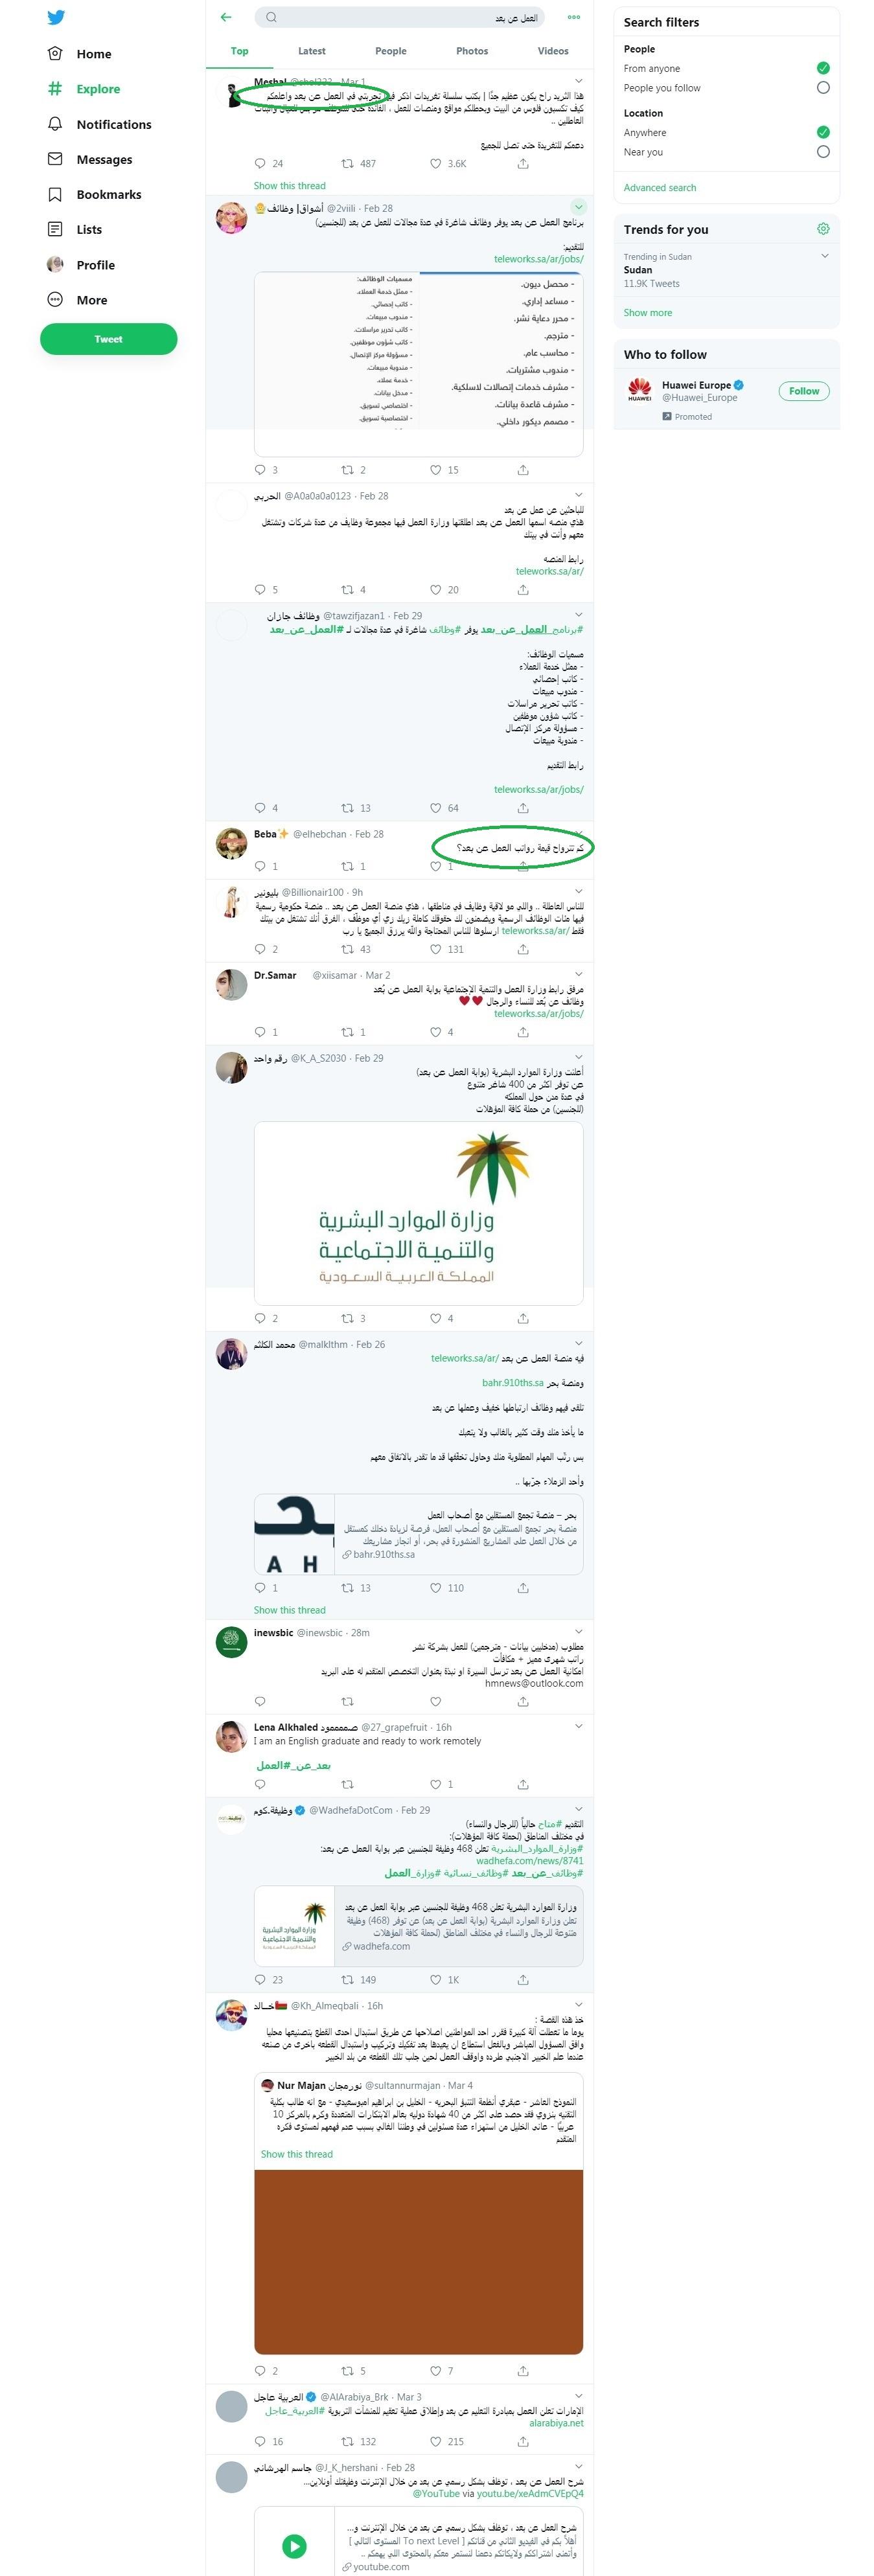 استراتيجية صناعة المحتوى في تويتر